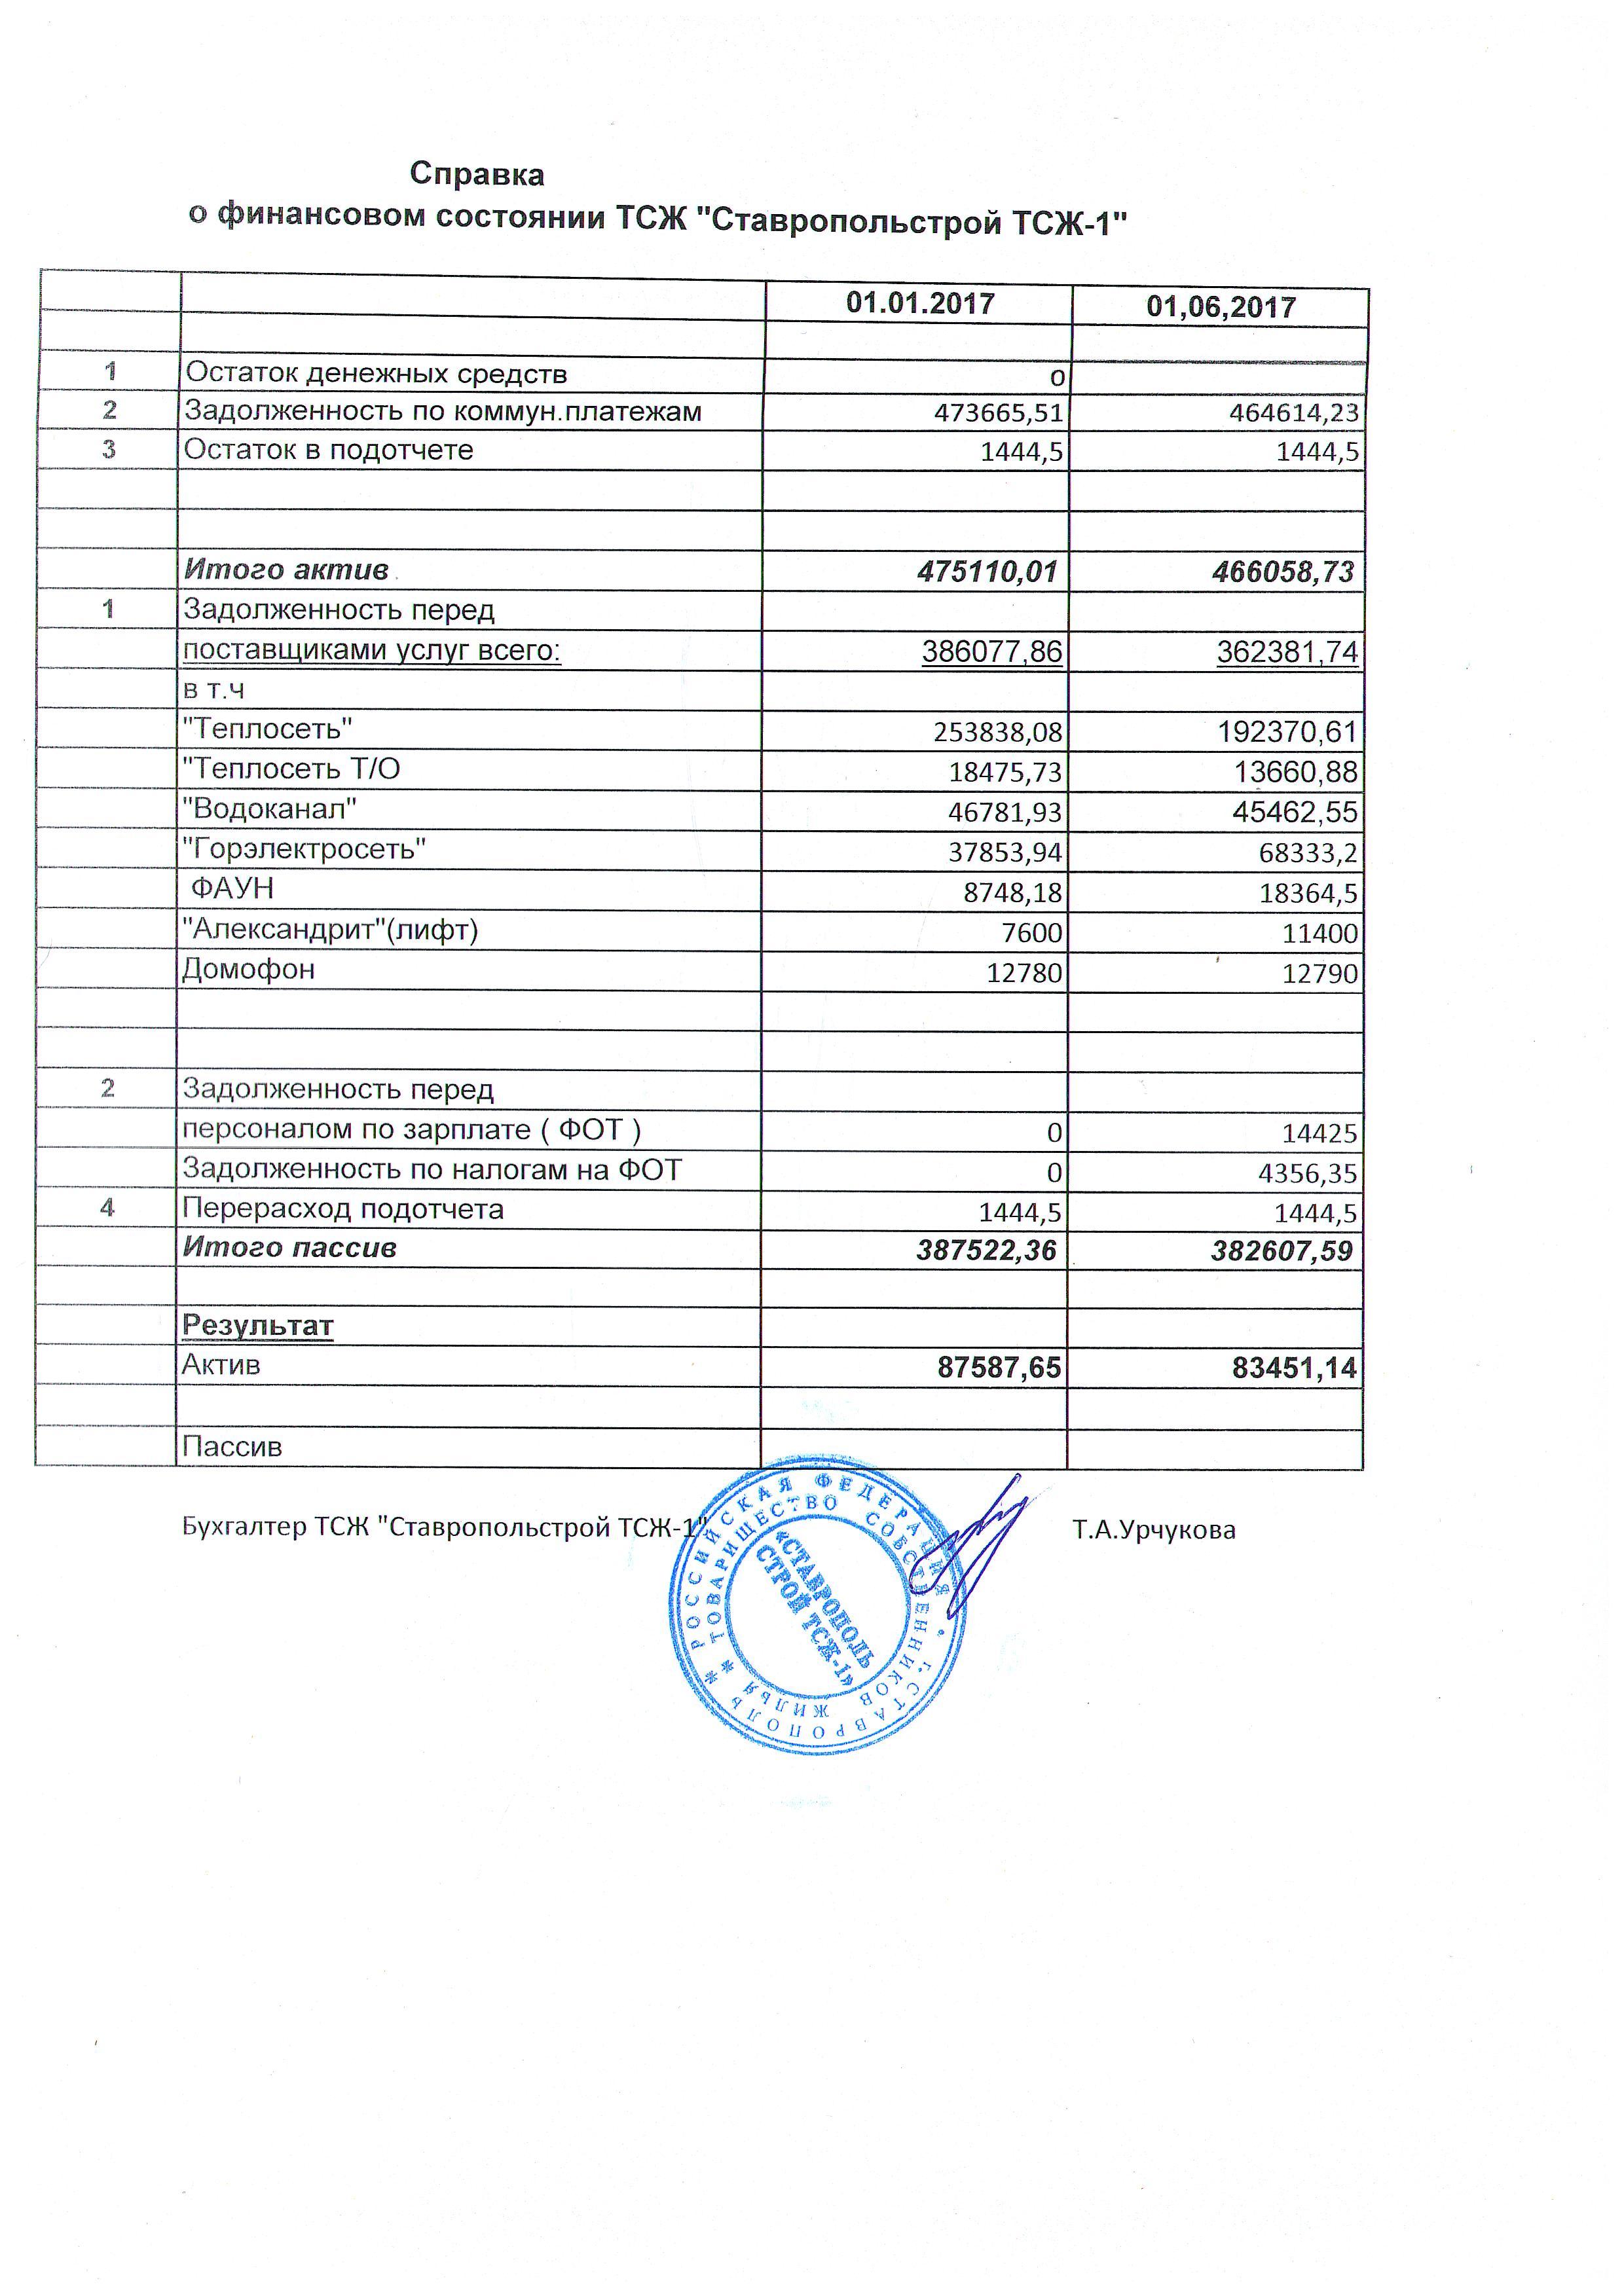 Бик пао сбербанк россии ставропольское отделение 5230